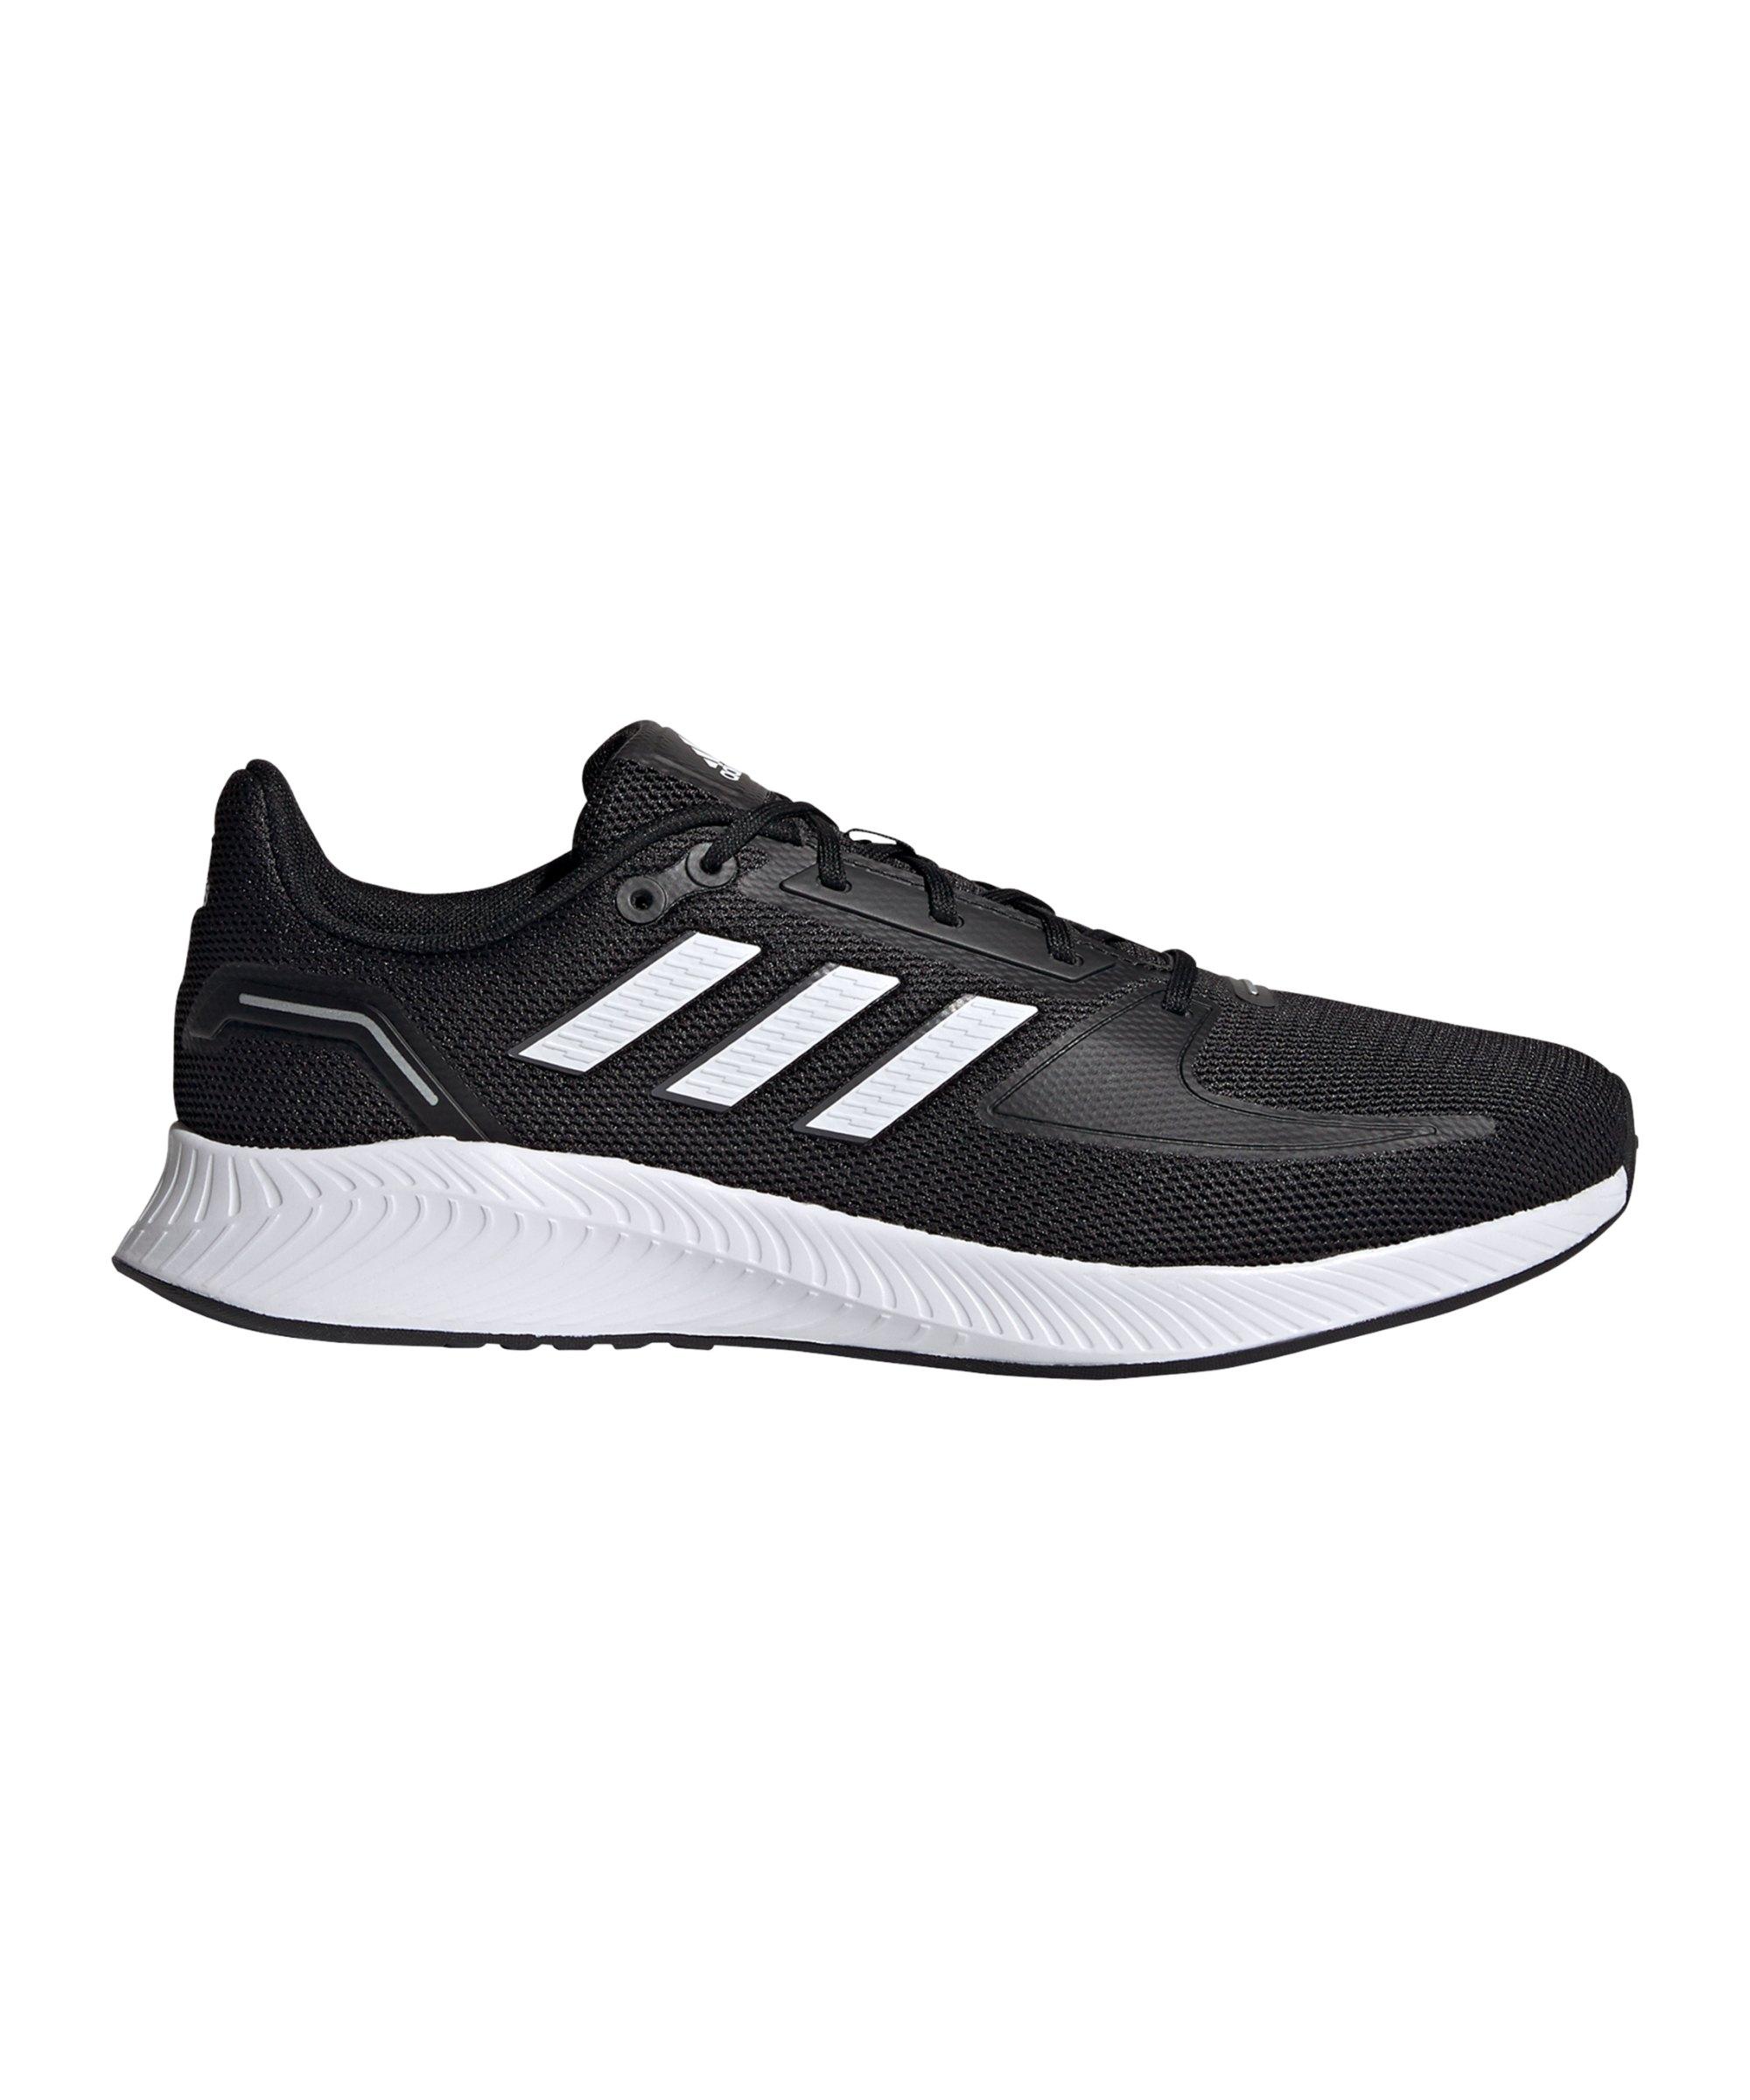 adidas Runfalcon 2.0 Running Schwarz Weiss - schwarz